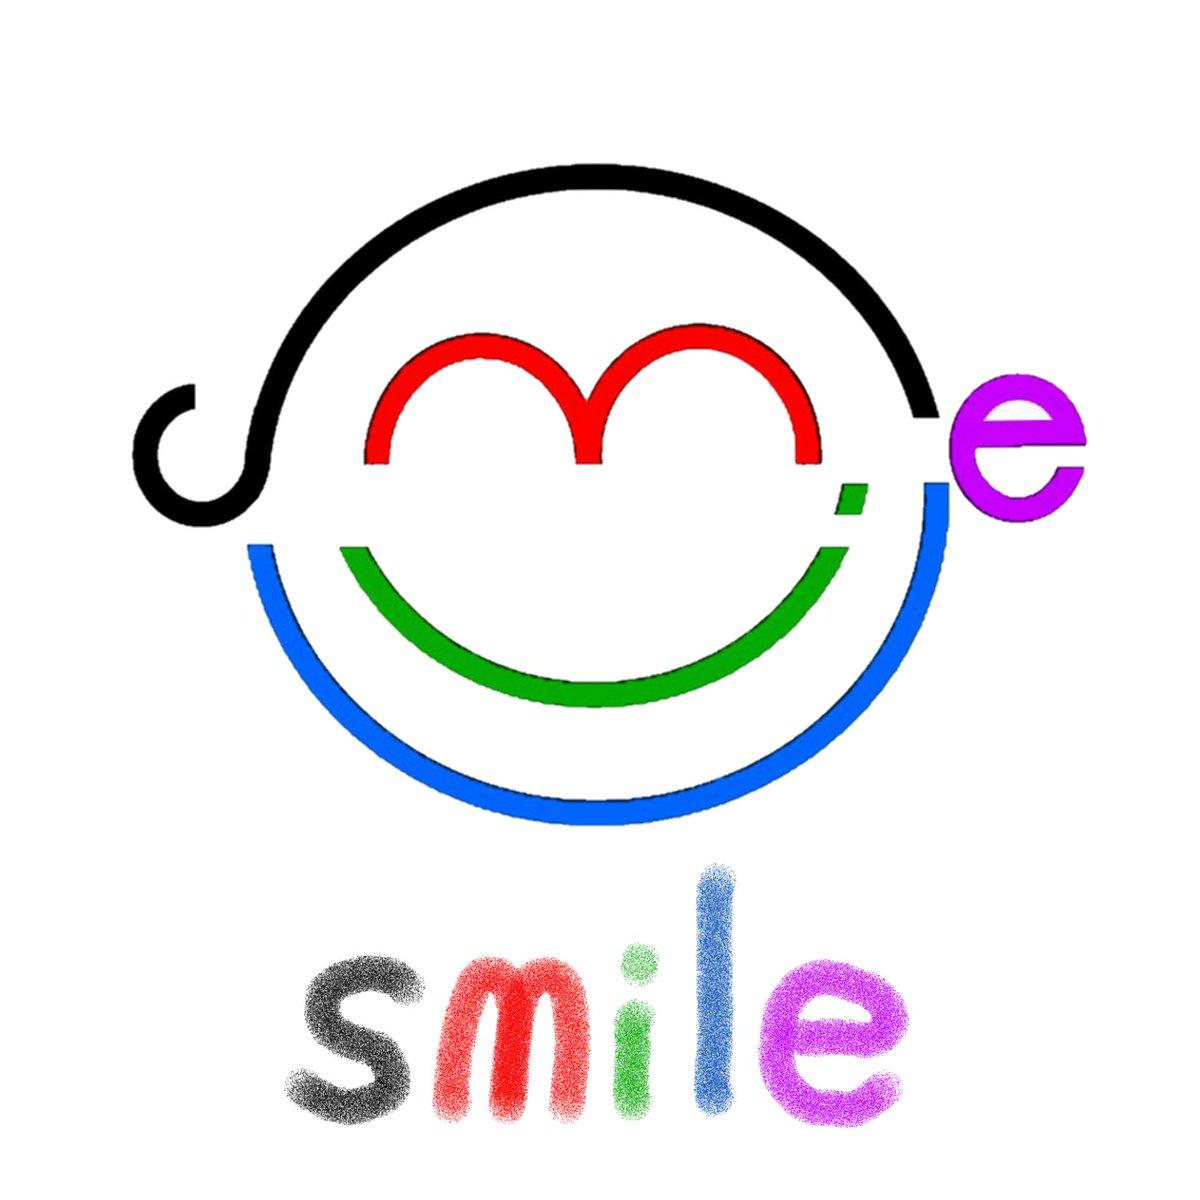 サイトーセーゾー Seizosaito とりあえず Smile Smile スマイル 笑顔 イラスト 文字 文字絵